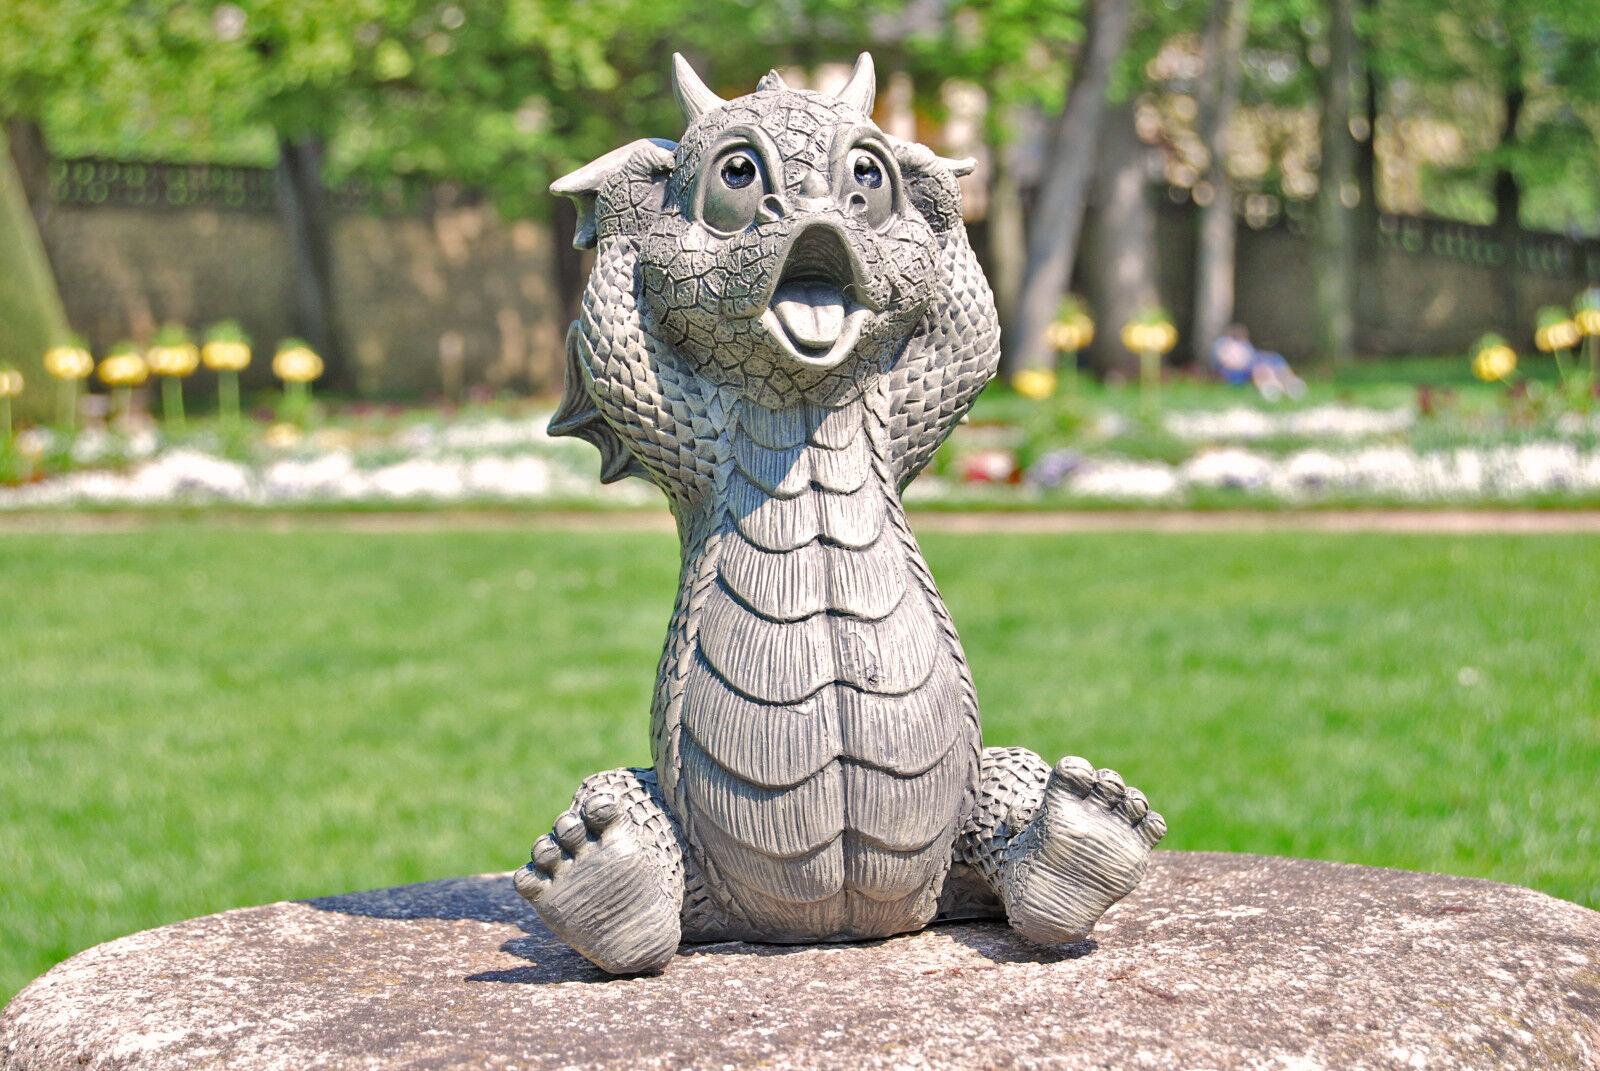 Gartenfiguren Drachen Test Vergleich Gartenfiguren Drachen